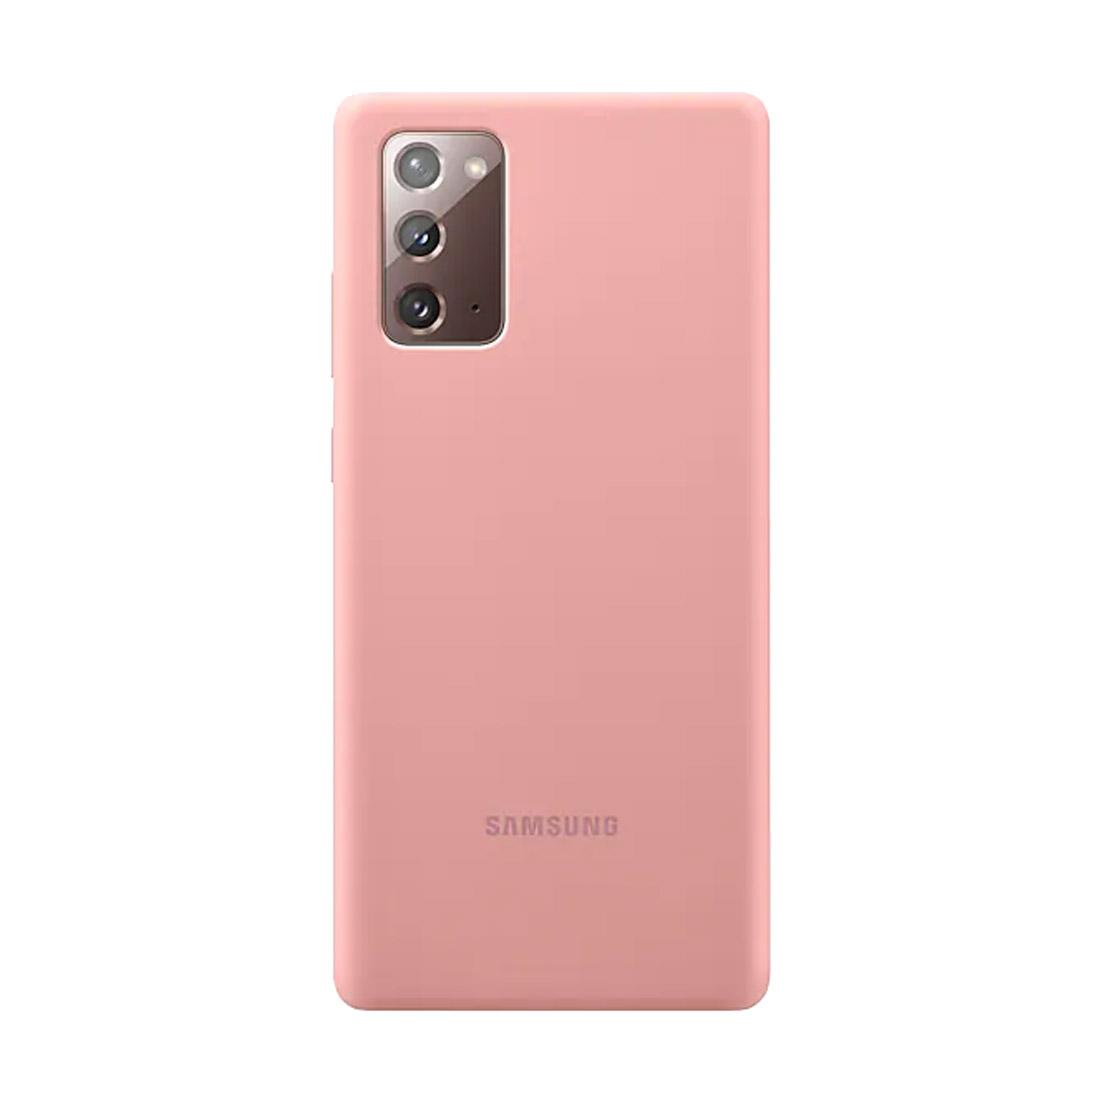 Samsung Galaxy Note 20 Silicone Cover - Mystic Bronze